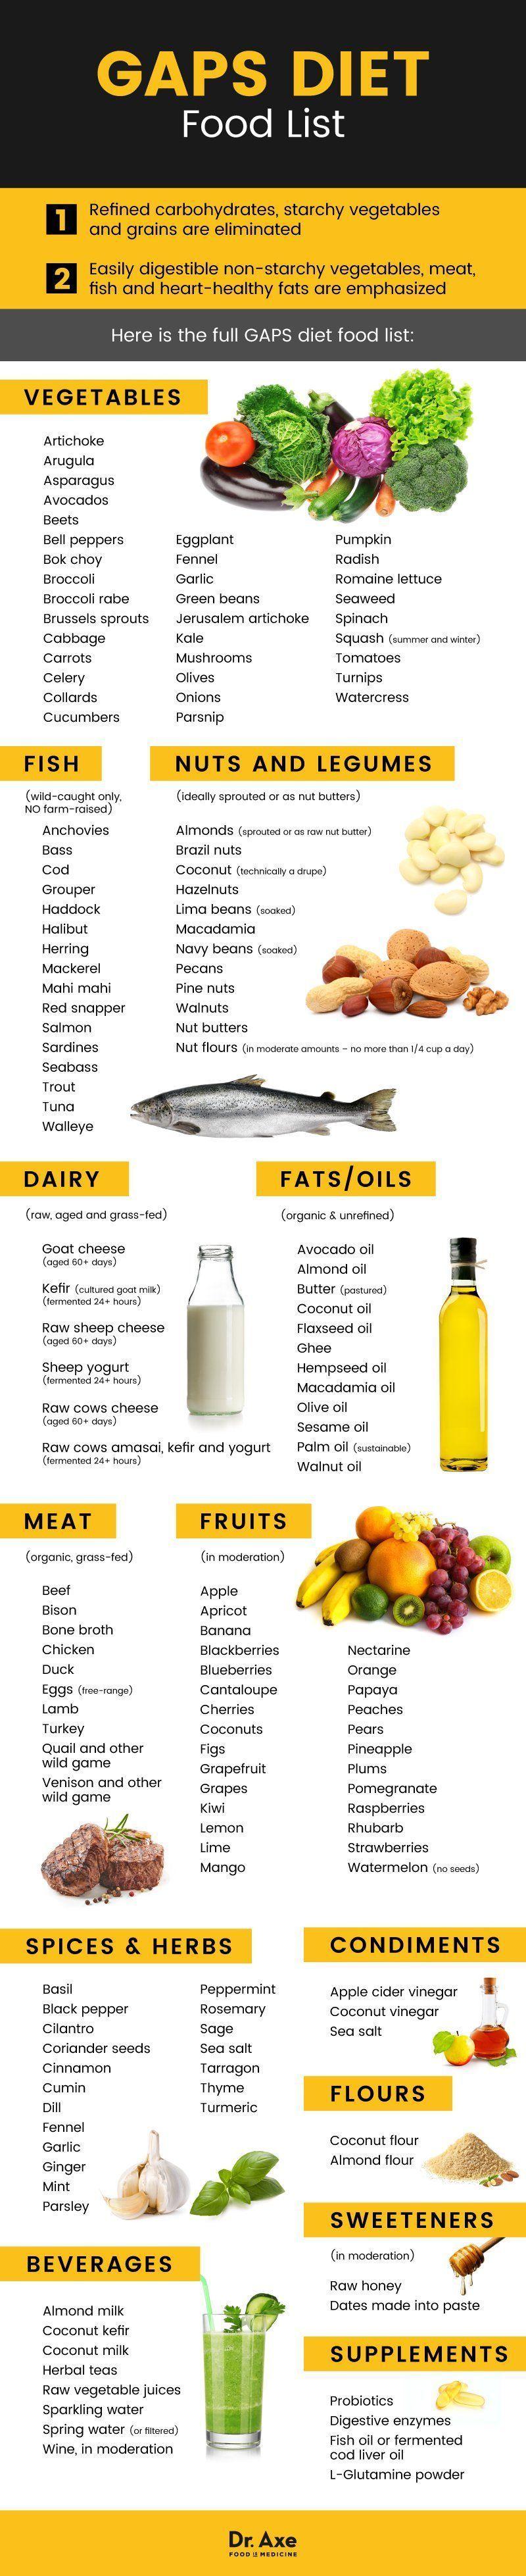 GAPS diet food list - Dr. Axe | Gaps diet in 2019 | Pinterest | Gaps diet, Diet food list and ...